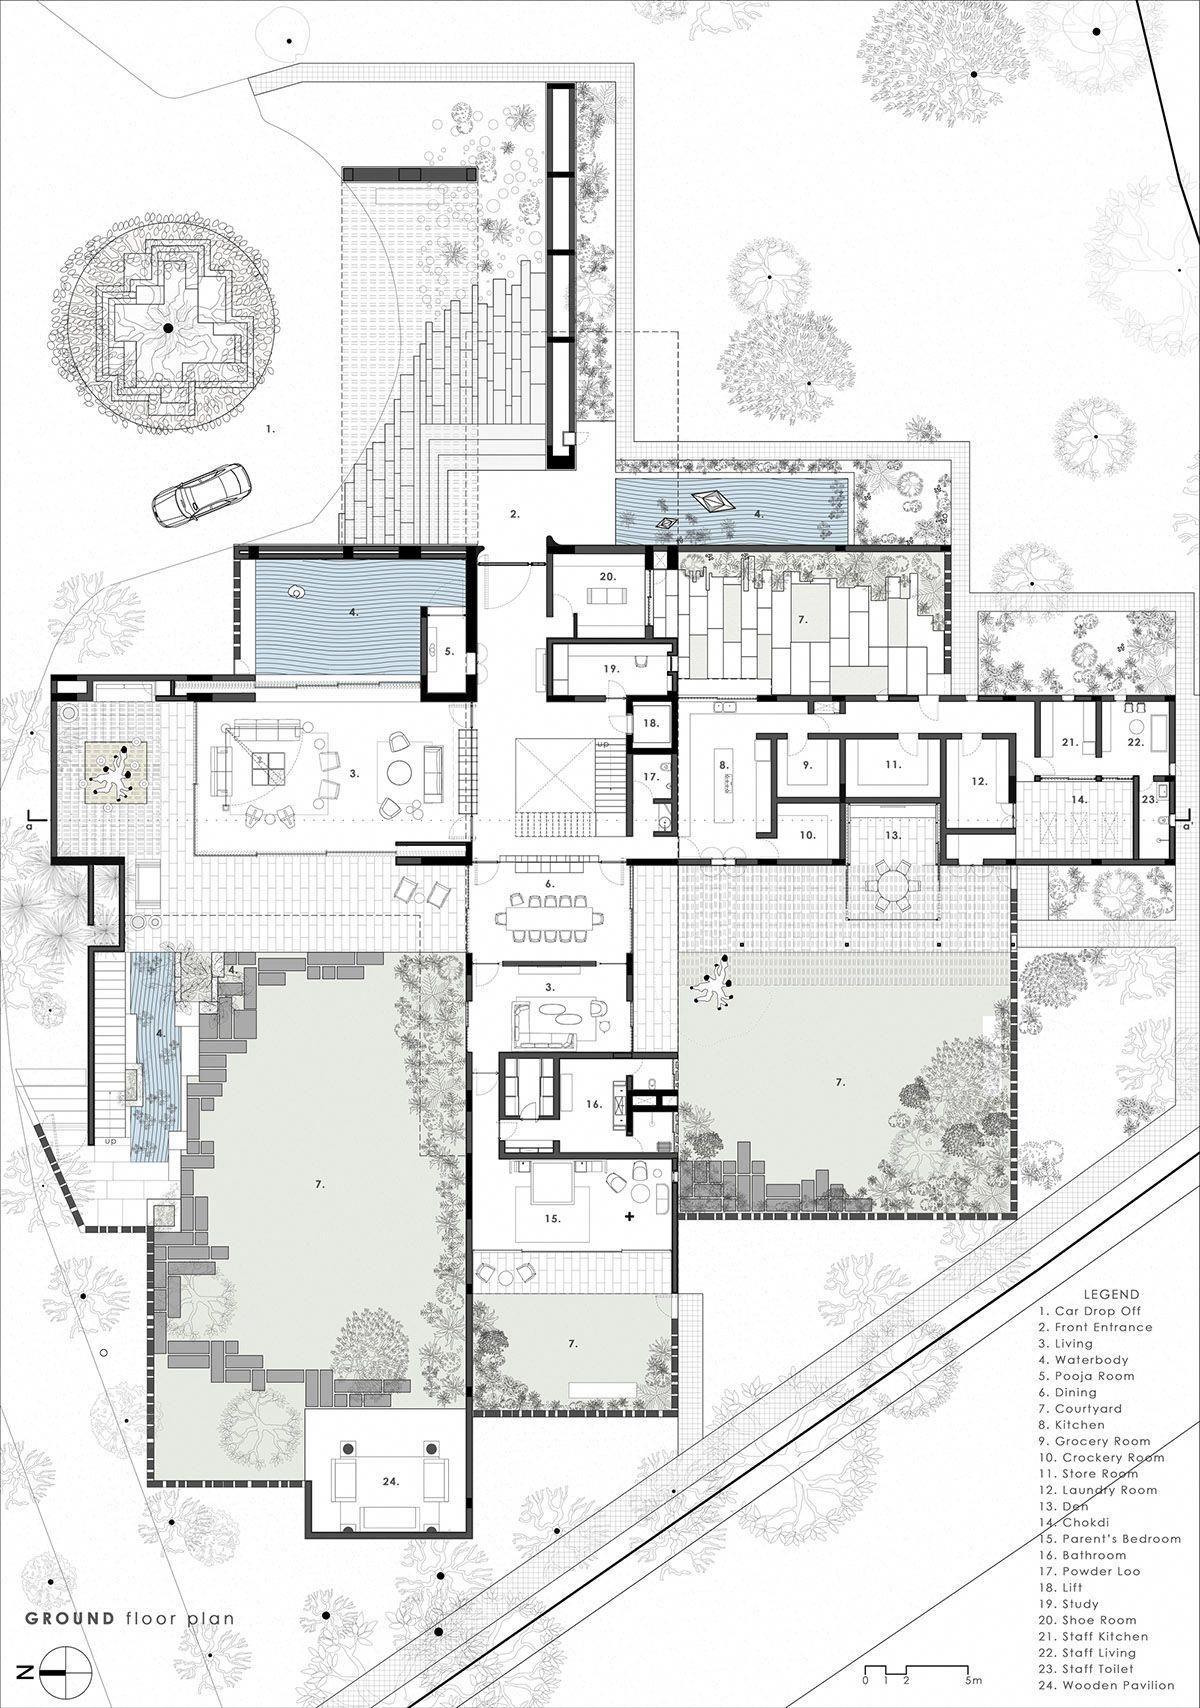 24 Coolest Garden Architecture Plan That Will Inspire Floor Plan Design Architectural Floor Plans Home Design Floor Plans